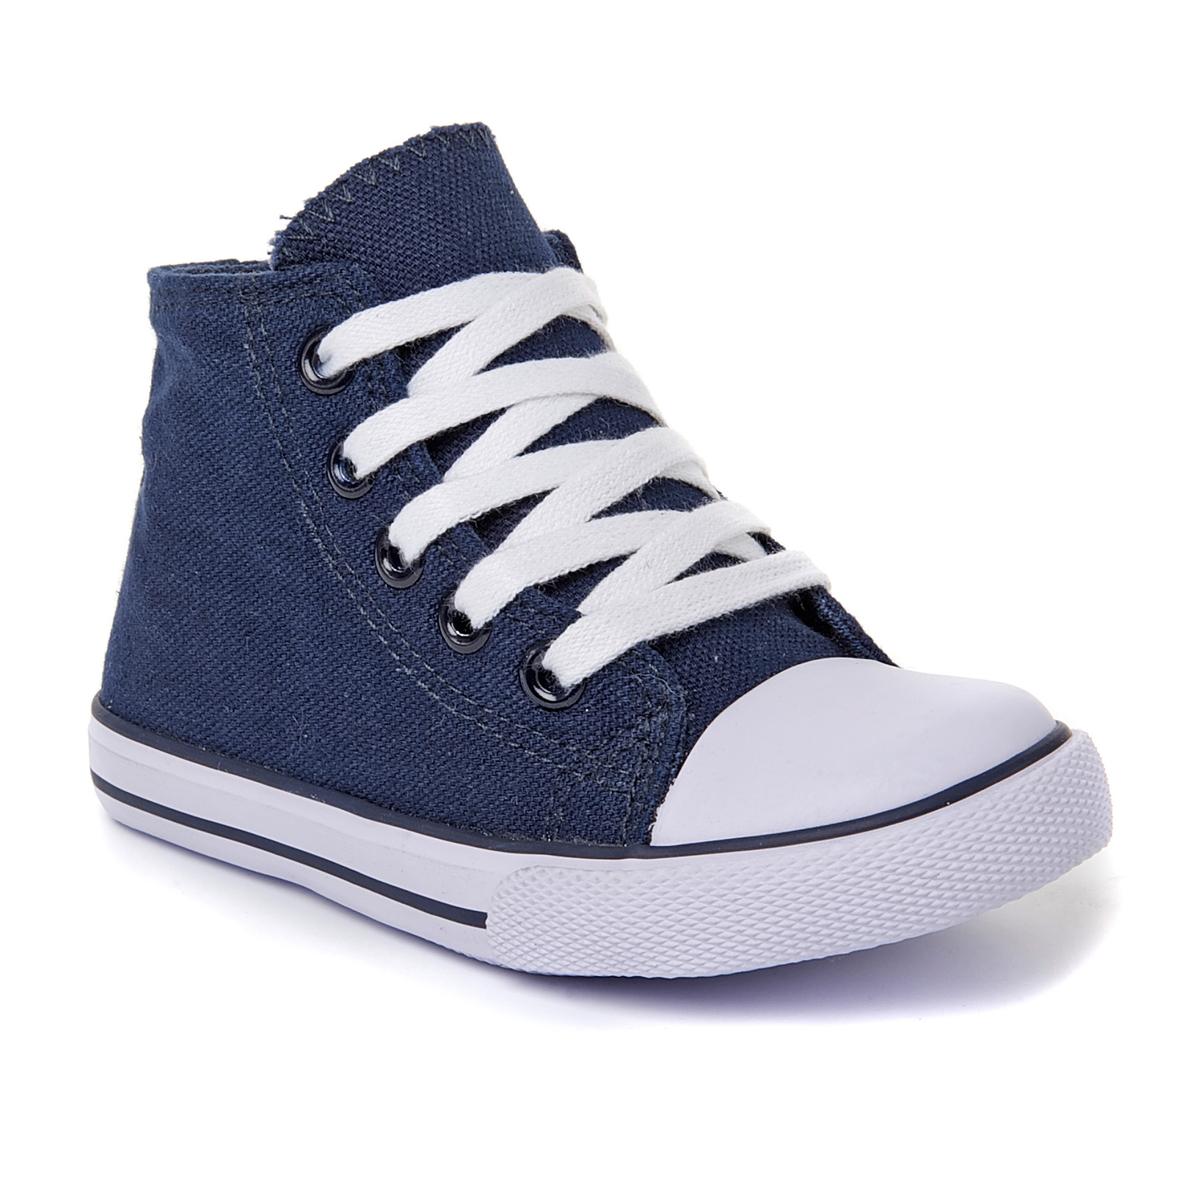 Кеды La Redoute Из ткани на шнуровке и молнии 19 синий